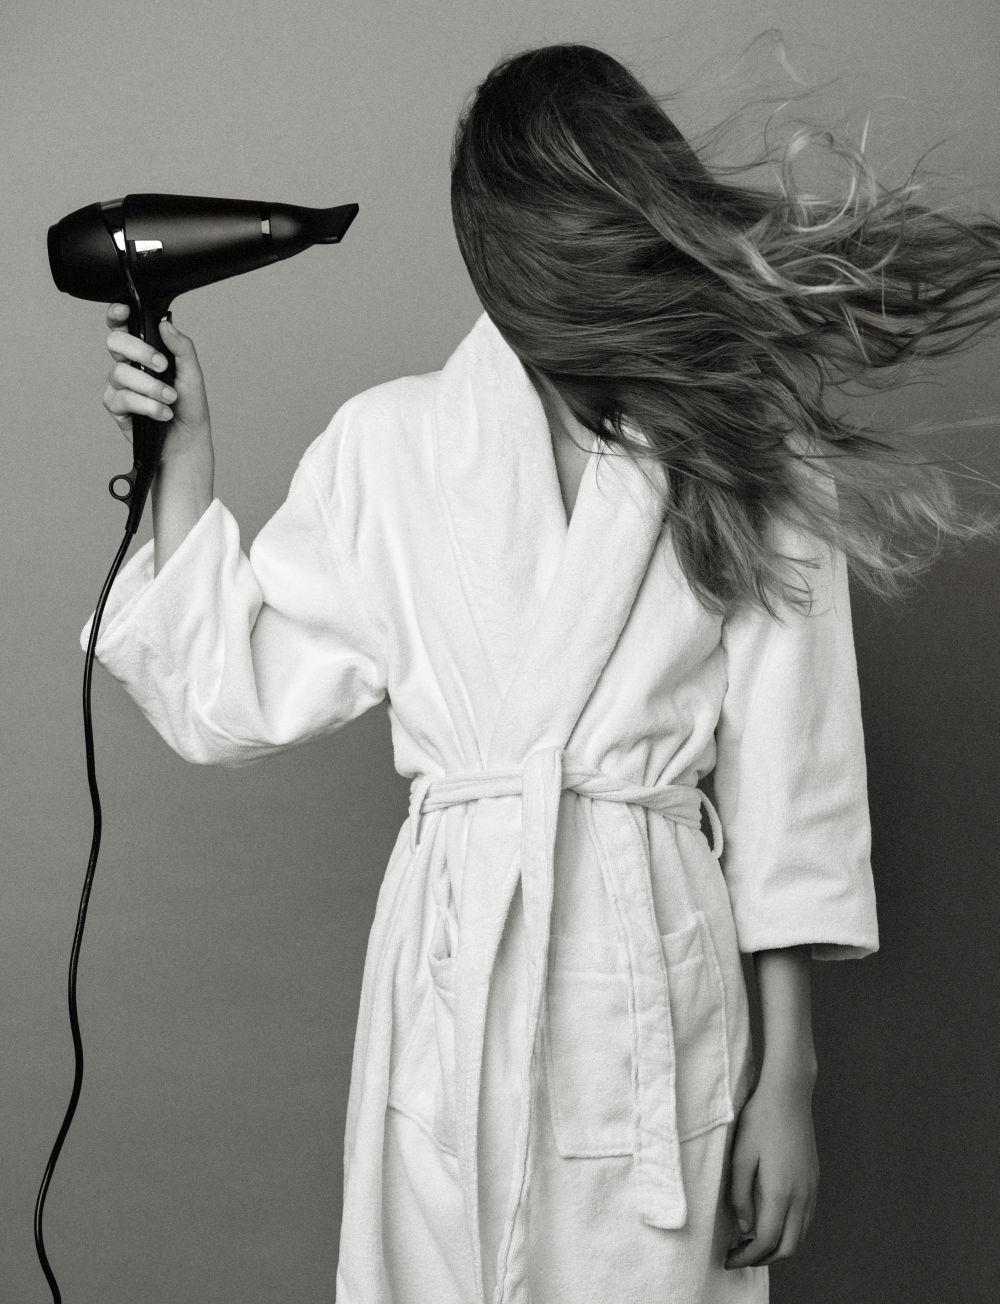 Debemos secar el pelo de forma correcta para evitar daños innecesarios.